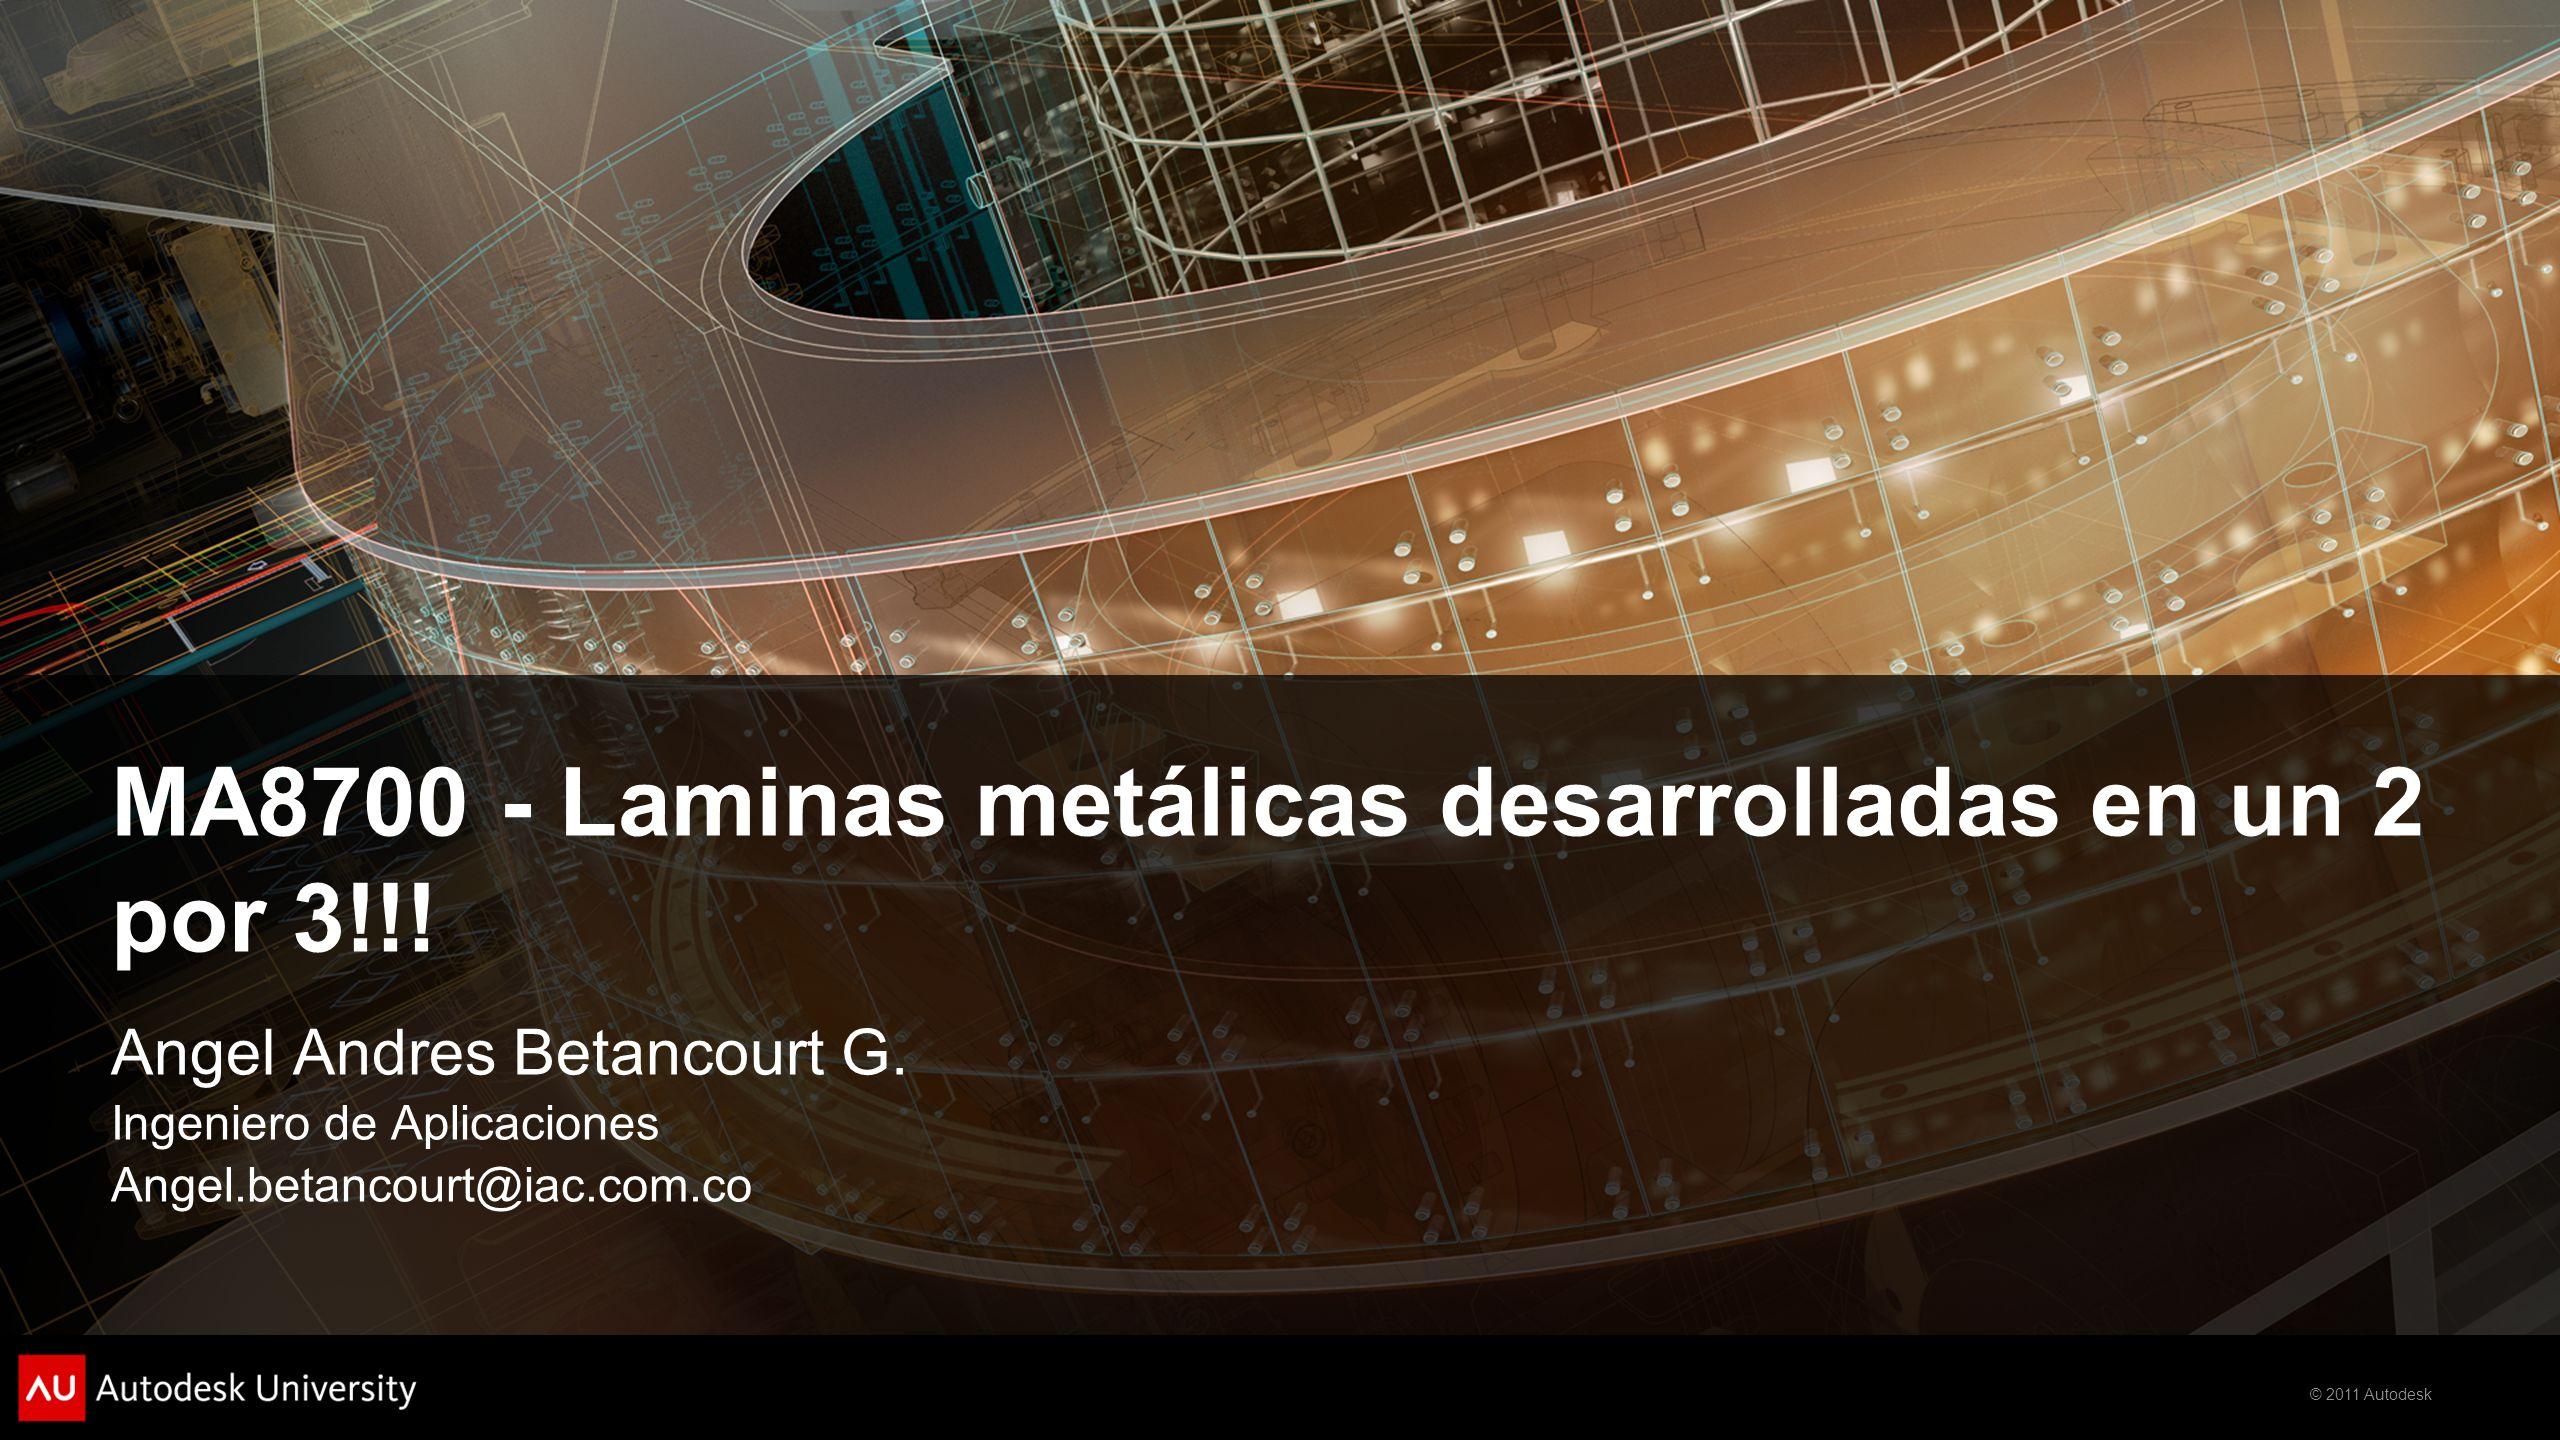 MA8700 - Laminas metálicas desarrolladas en un 2 por 3!!!